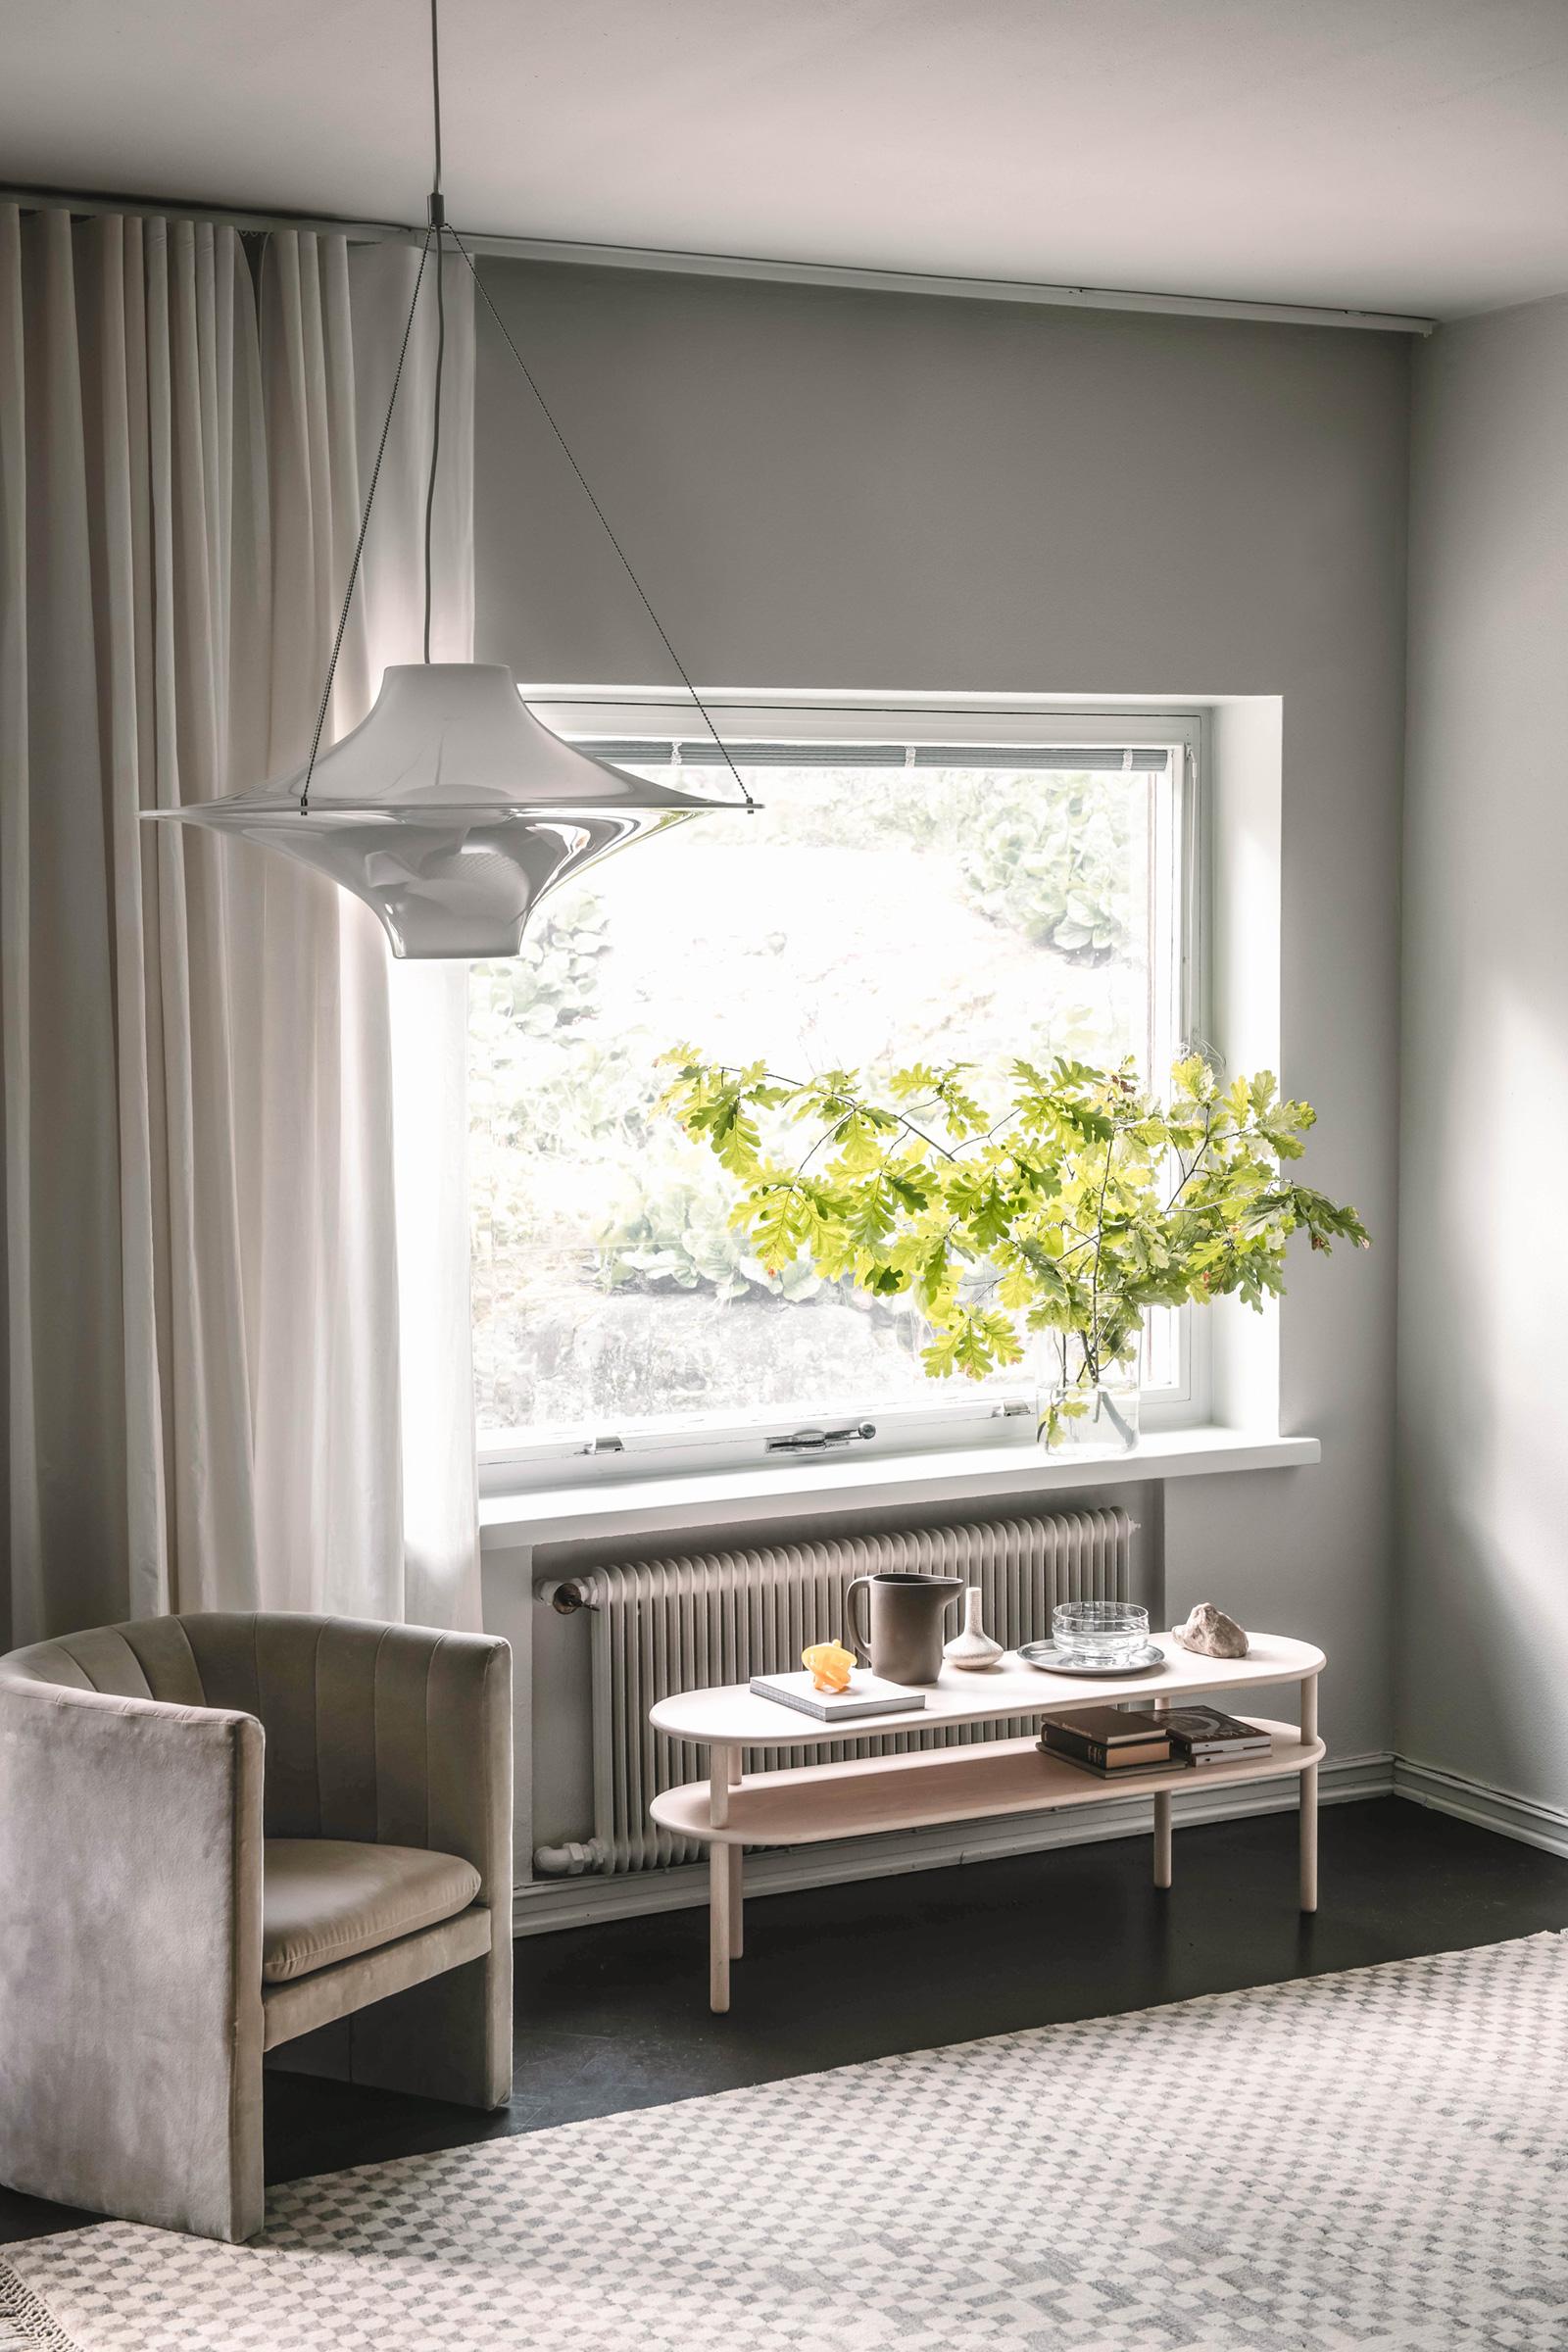 TinnappleMetz-Innolux-lokki-Lamp-list-03